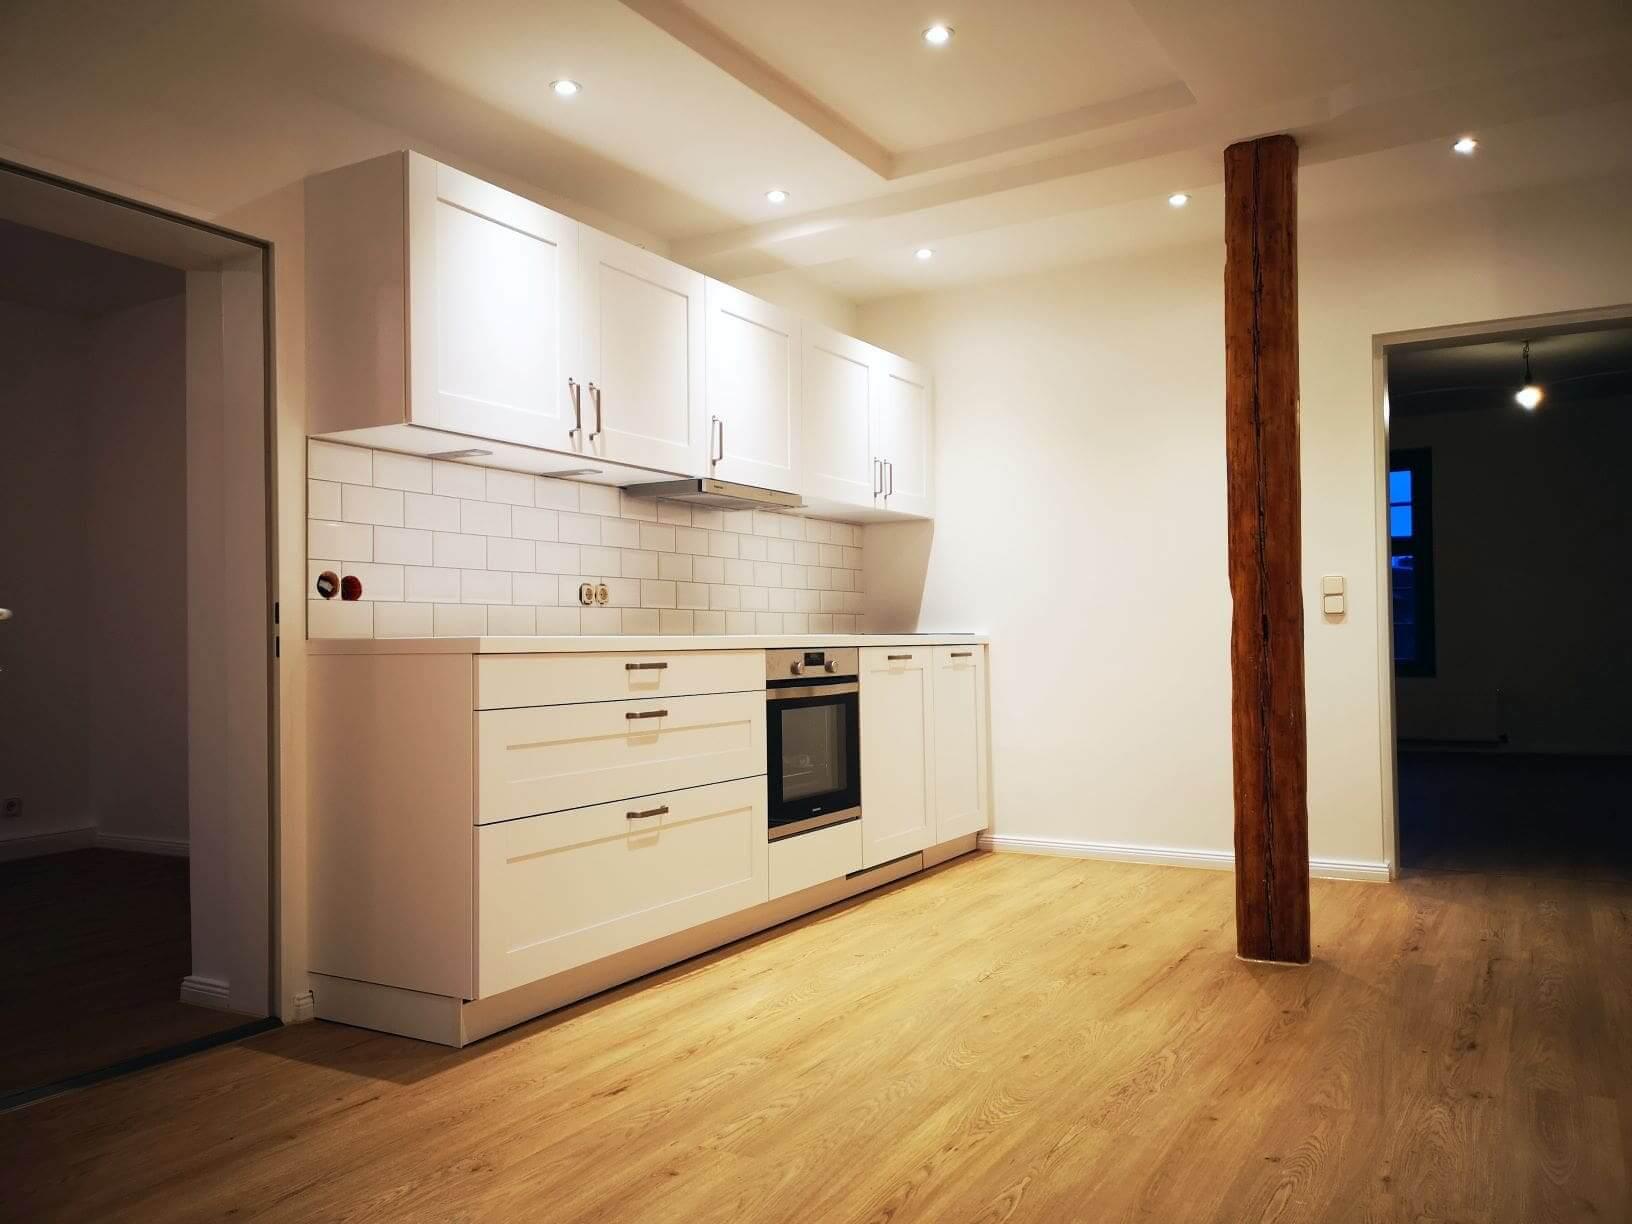 Küche Boden und Wände fertig